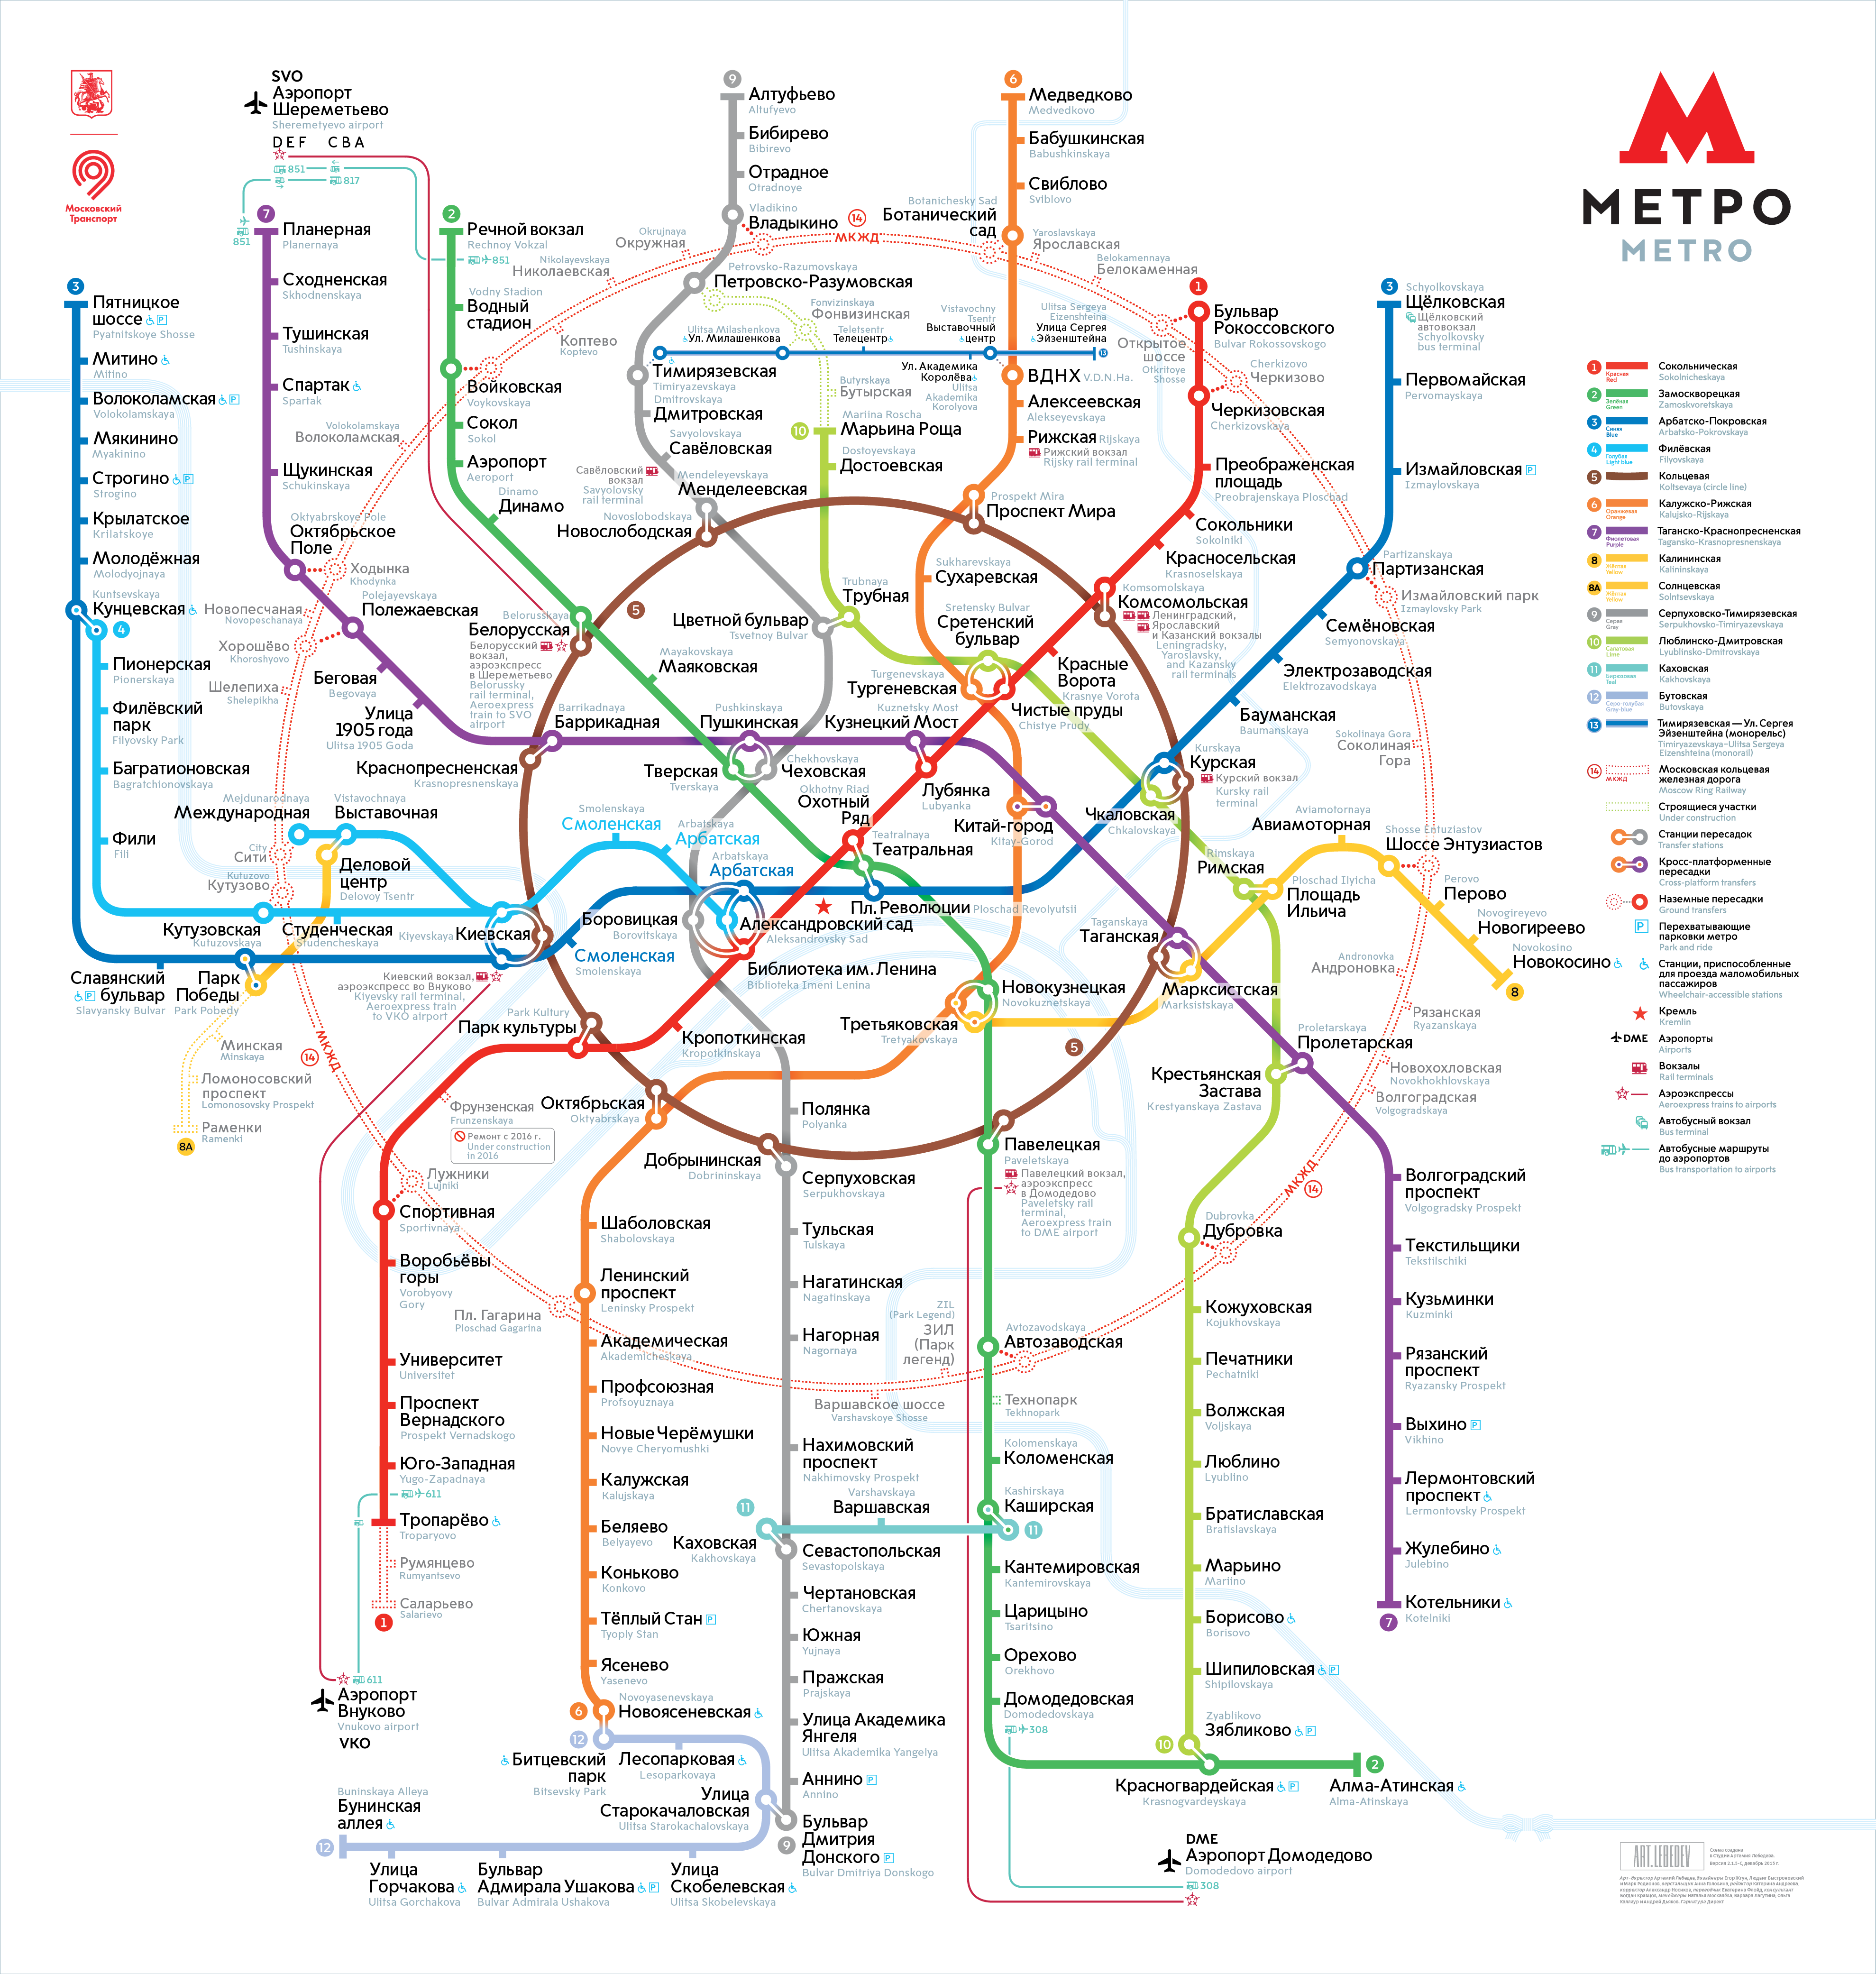 Схема метро м. беляево